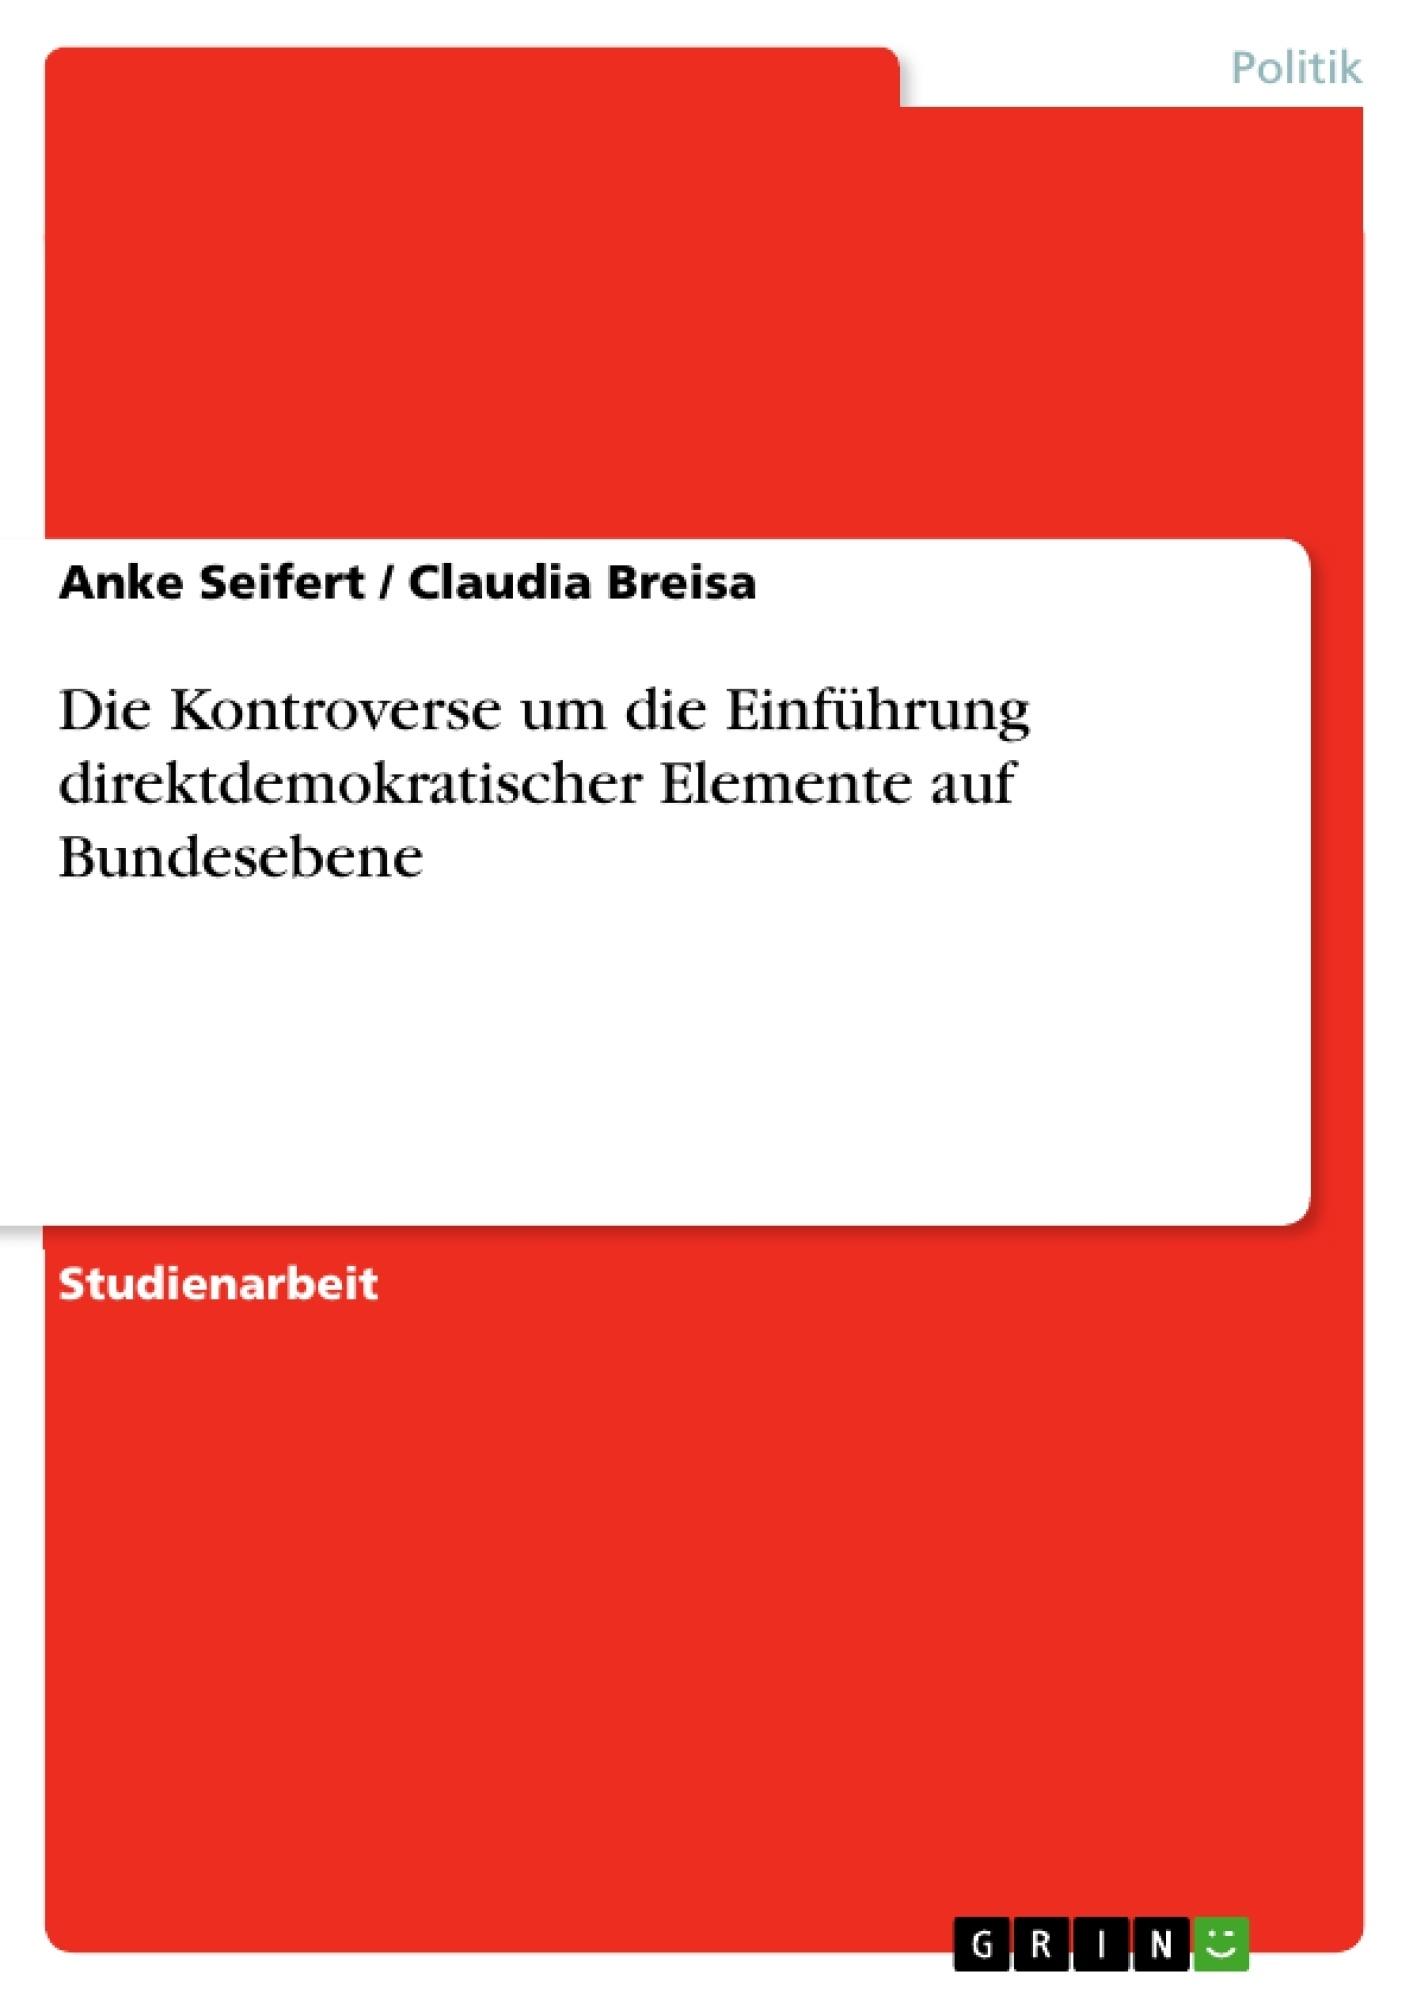 Titel: Die Kontroverse um die Einführung direktdemokratischer Elemente auf Bundesebene